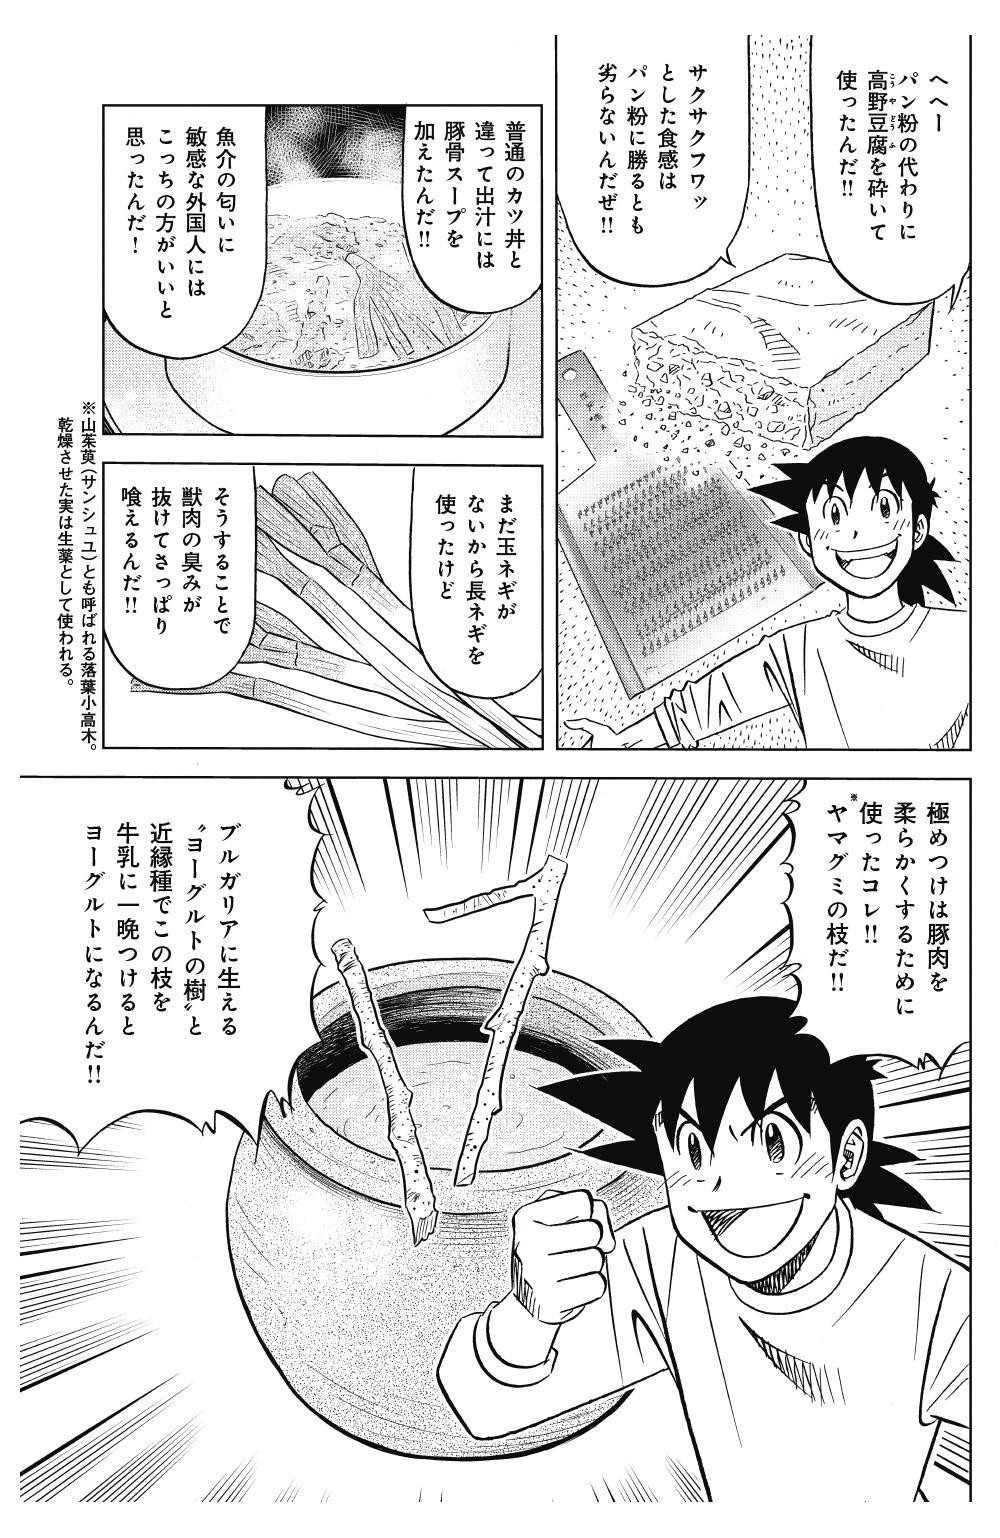 ミスター味っ子 幕末編 第1話「黒船来航」③ajikko32.jpg